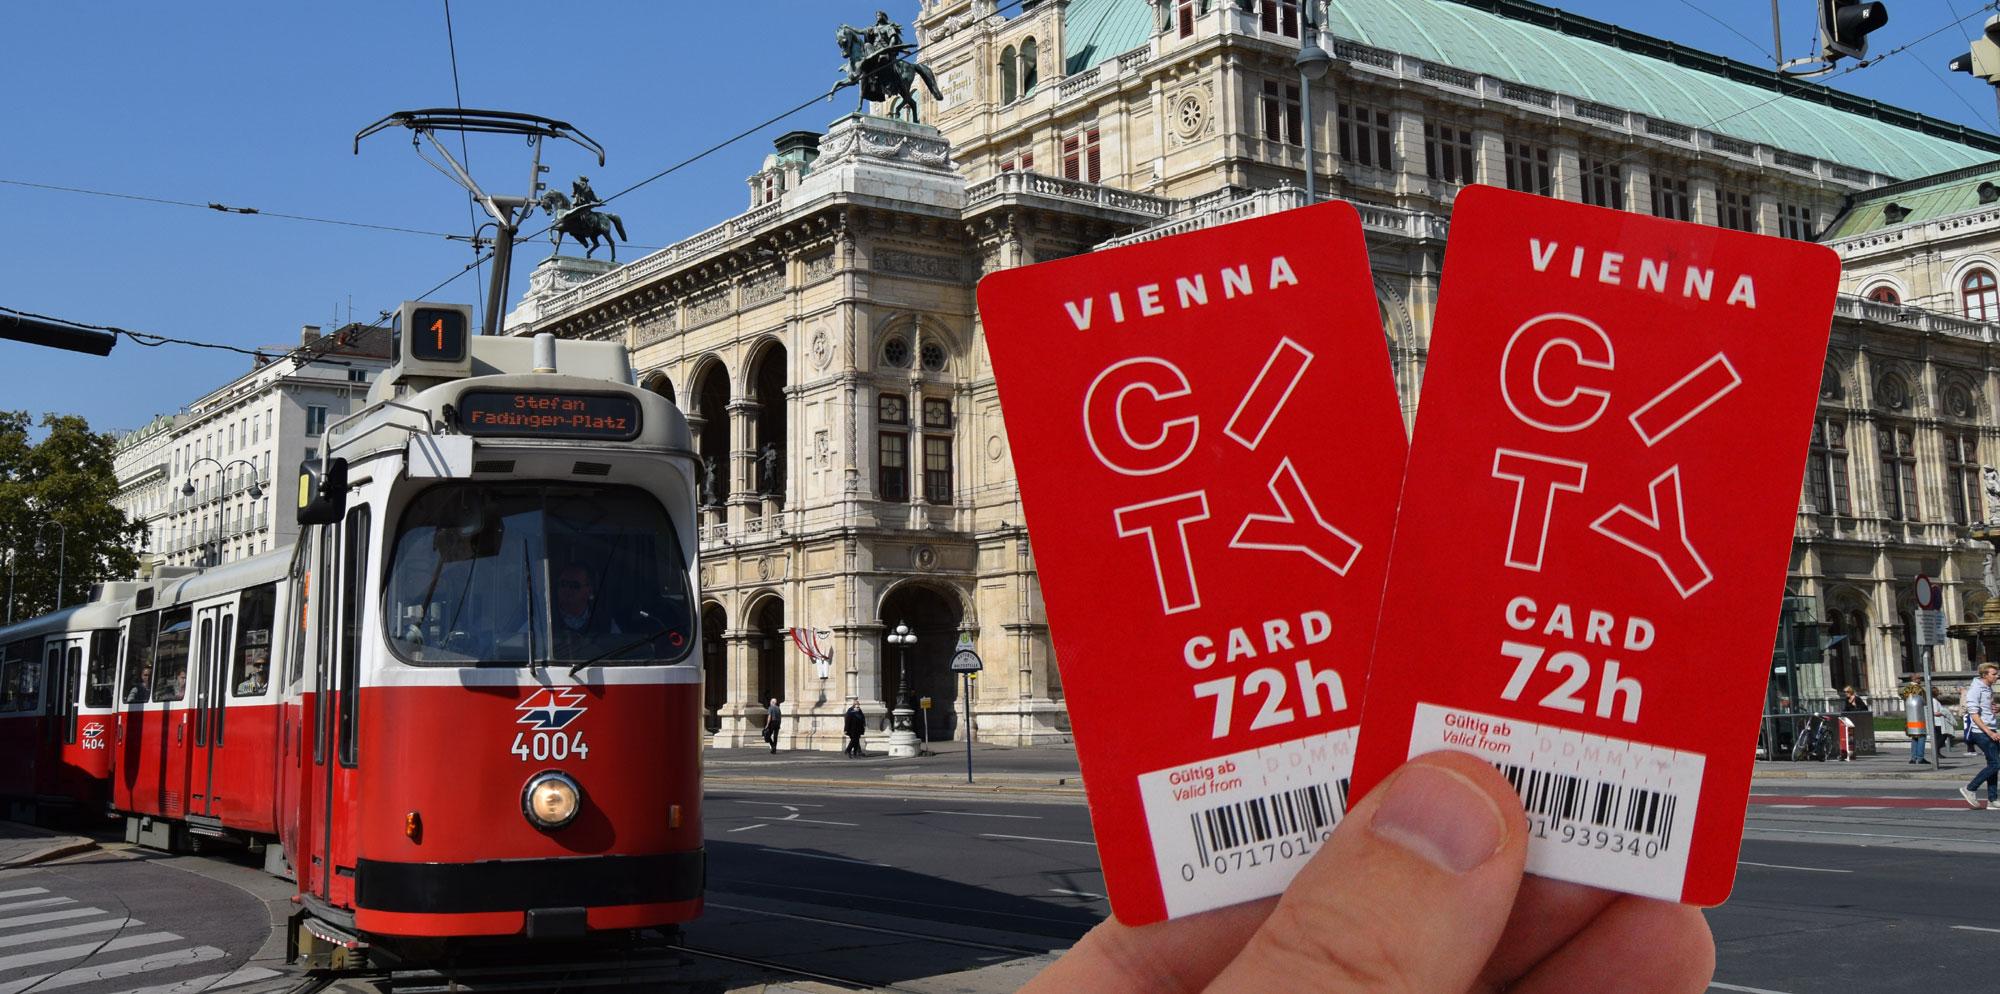 венская туристическая карта со скидками